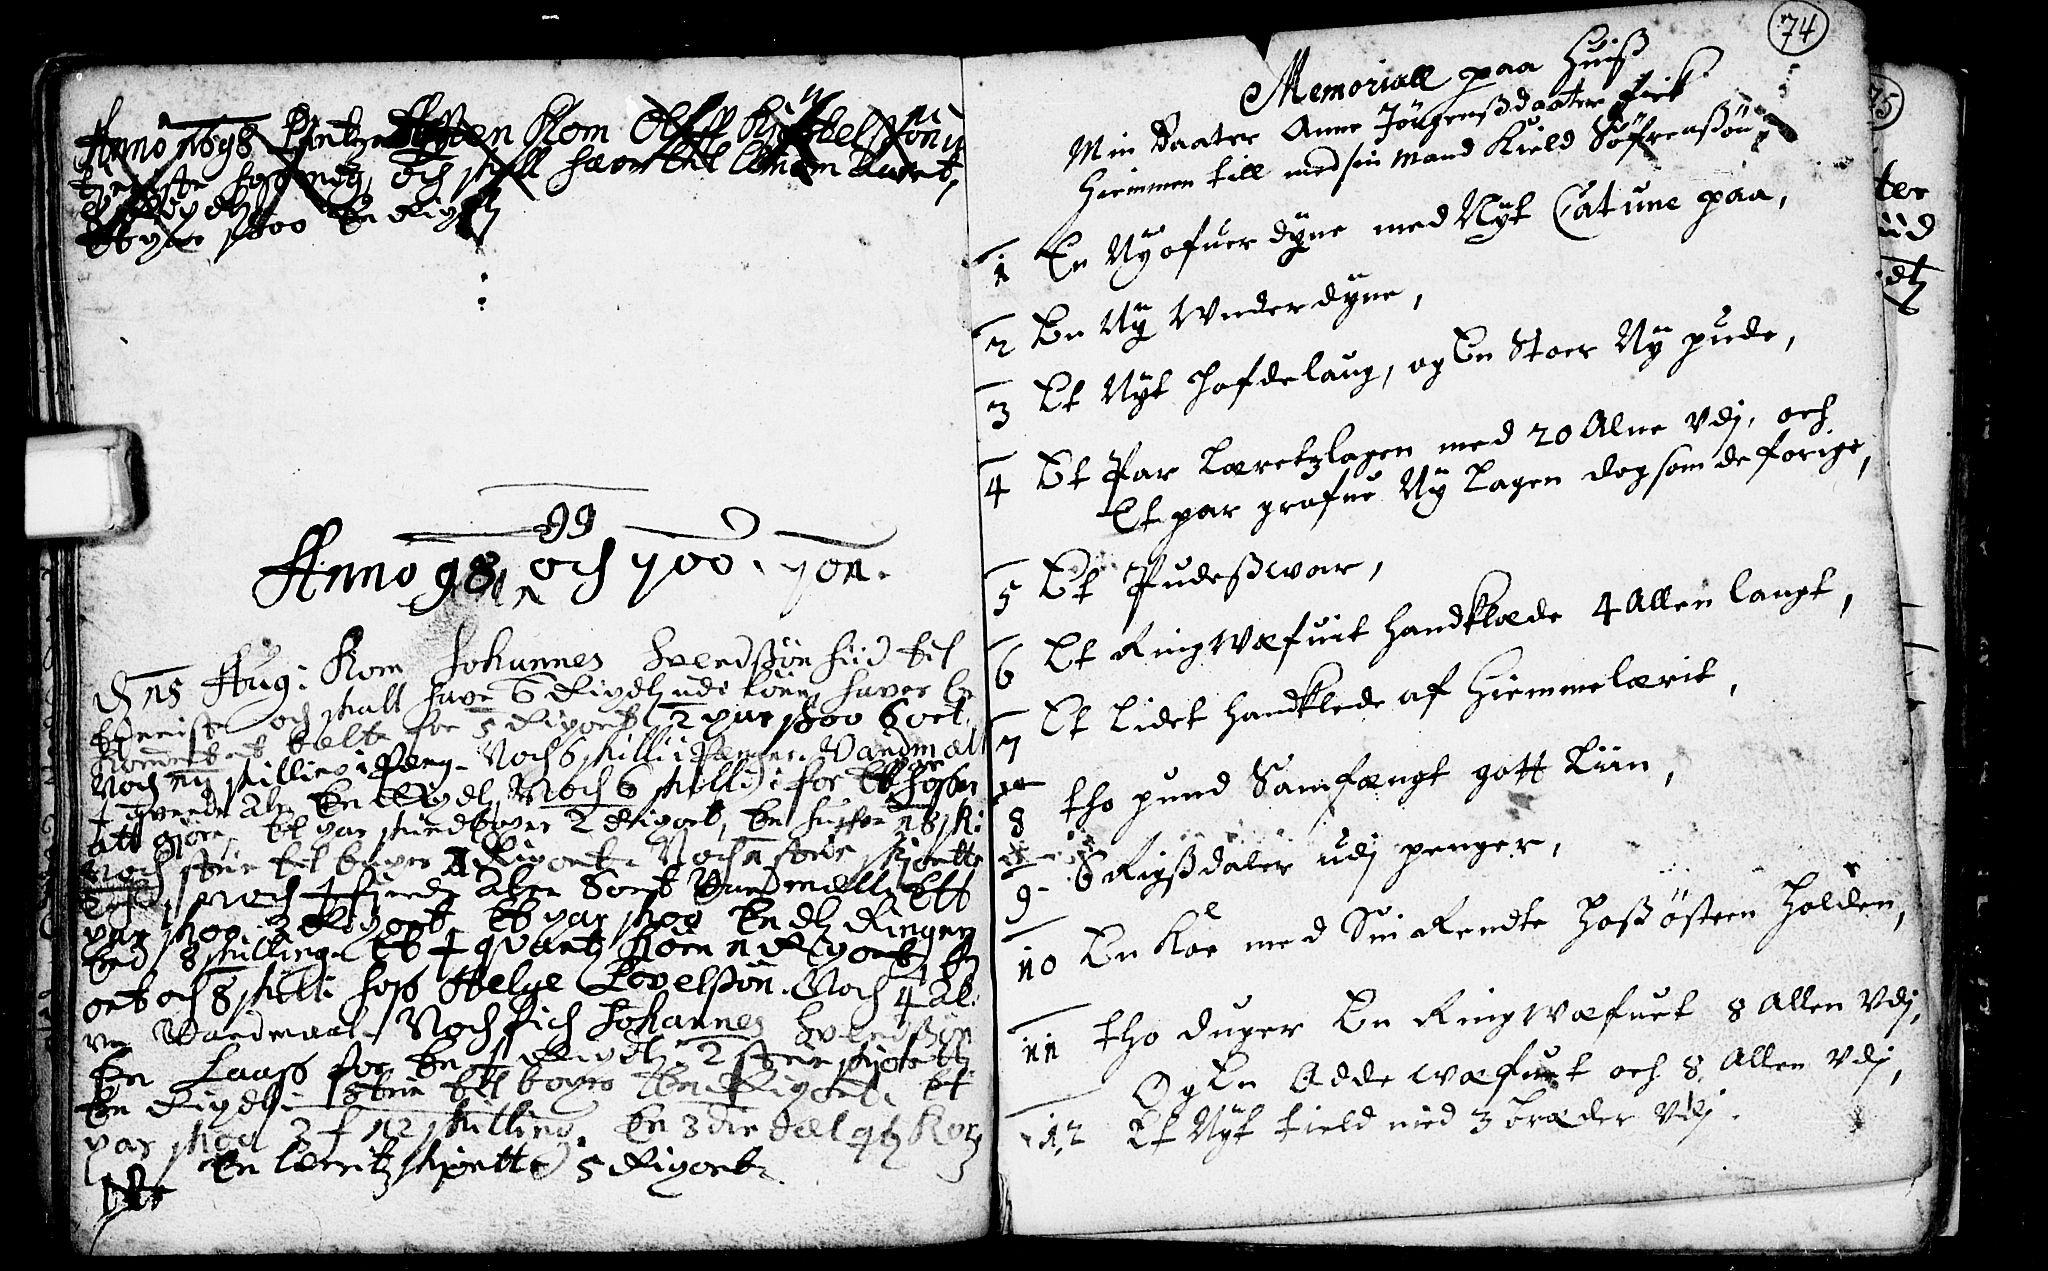 SAKO, Heddal kirkebøker, F/Fa/L0001: Ministerialbok nr. I 1, 1648-1699, s. 74